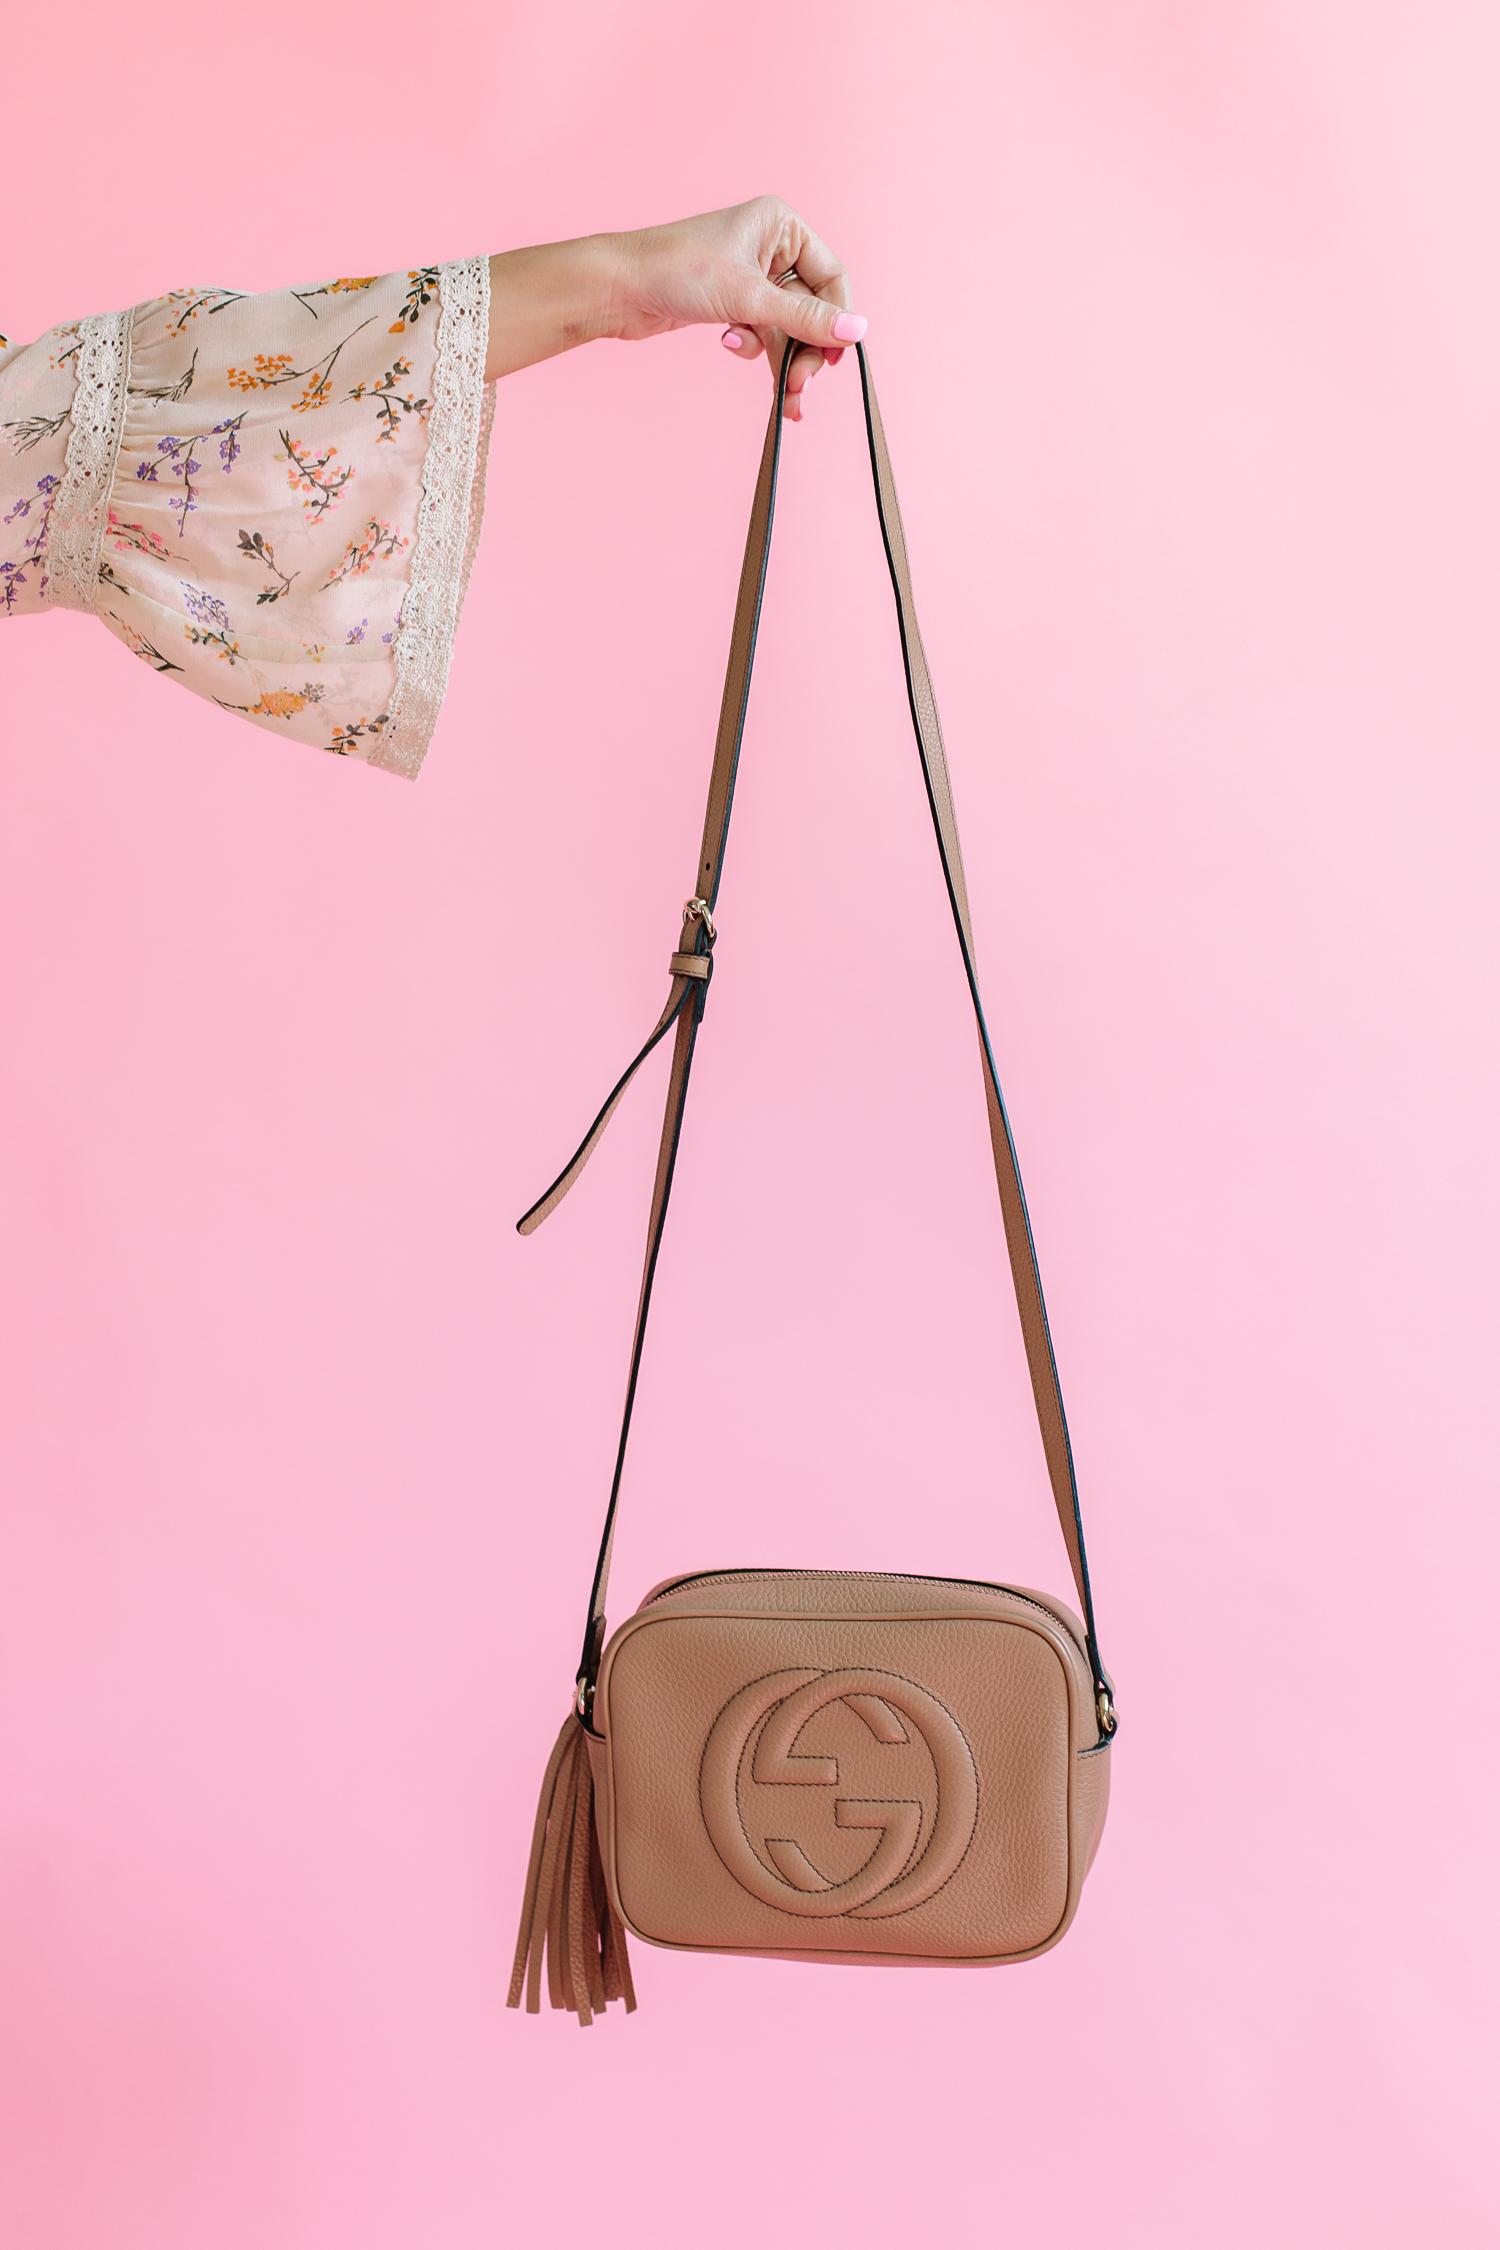 gucci disco cross body handbag, gucci handbag review, gucci, gucci handbag